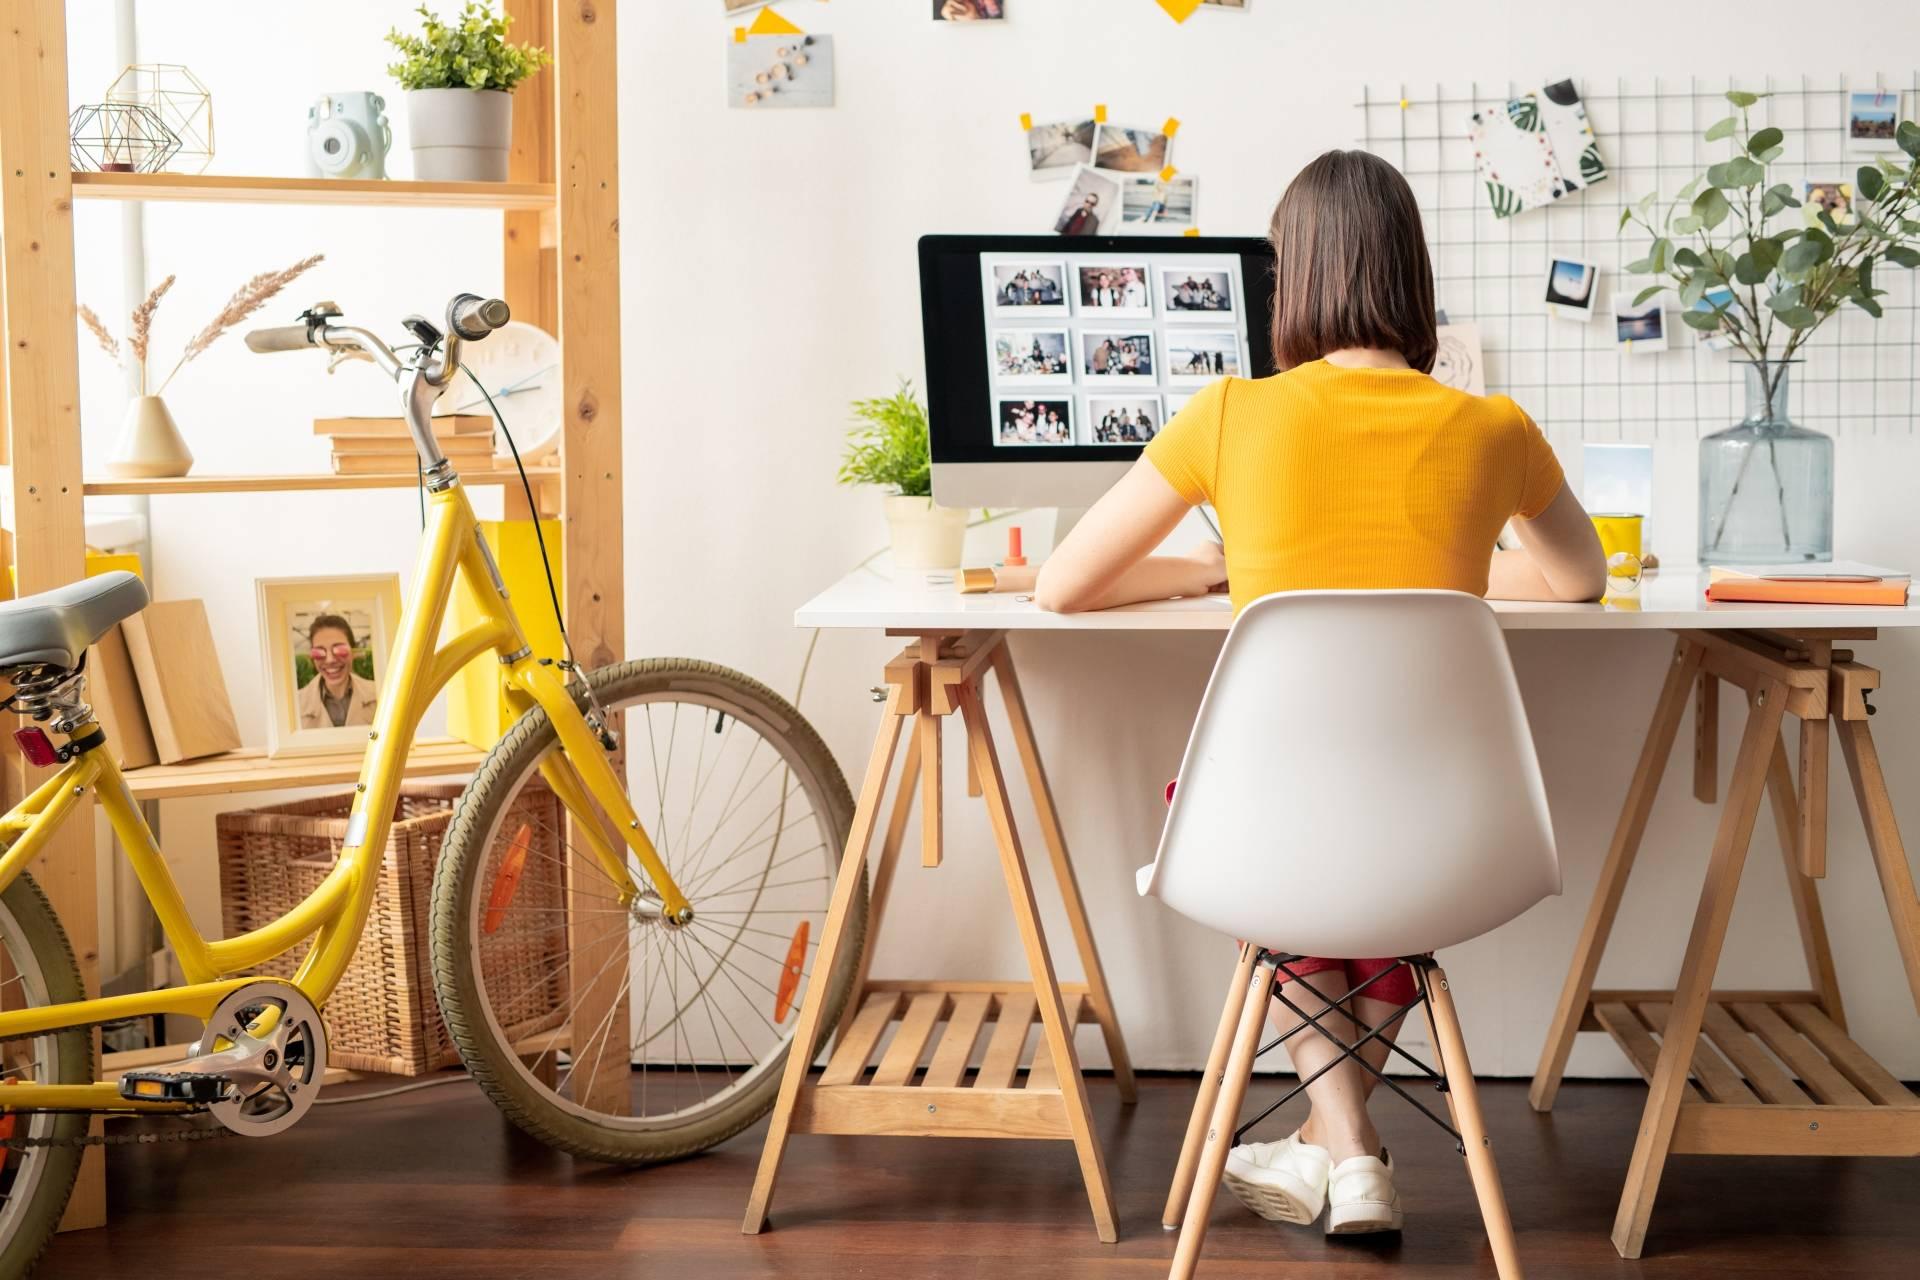 Home office - jak zadbać o kręgosłup w dobie pandemii koronawirusa?